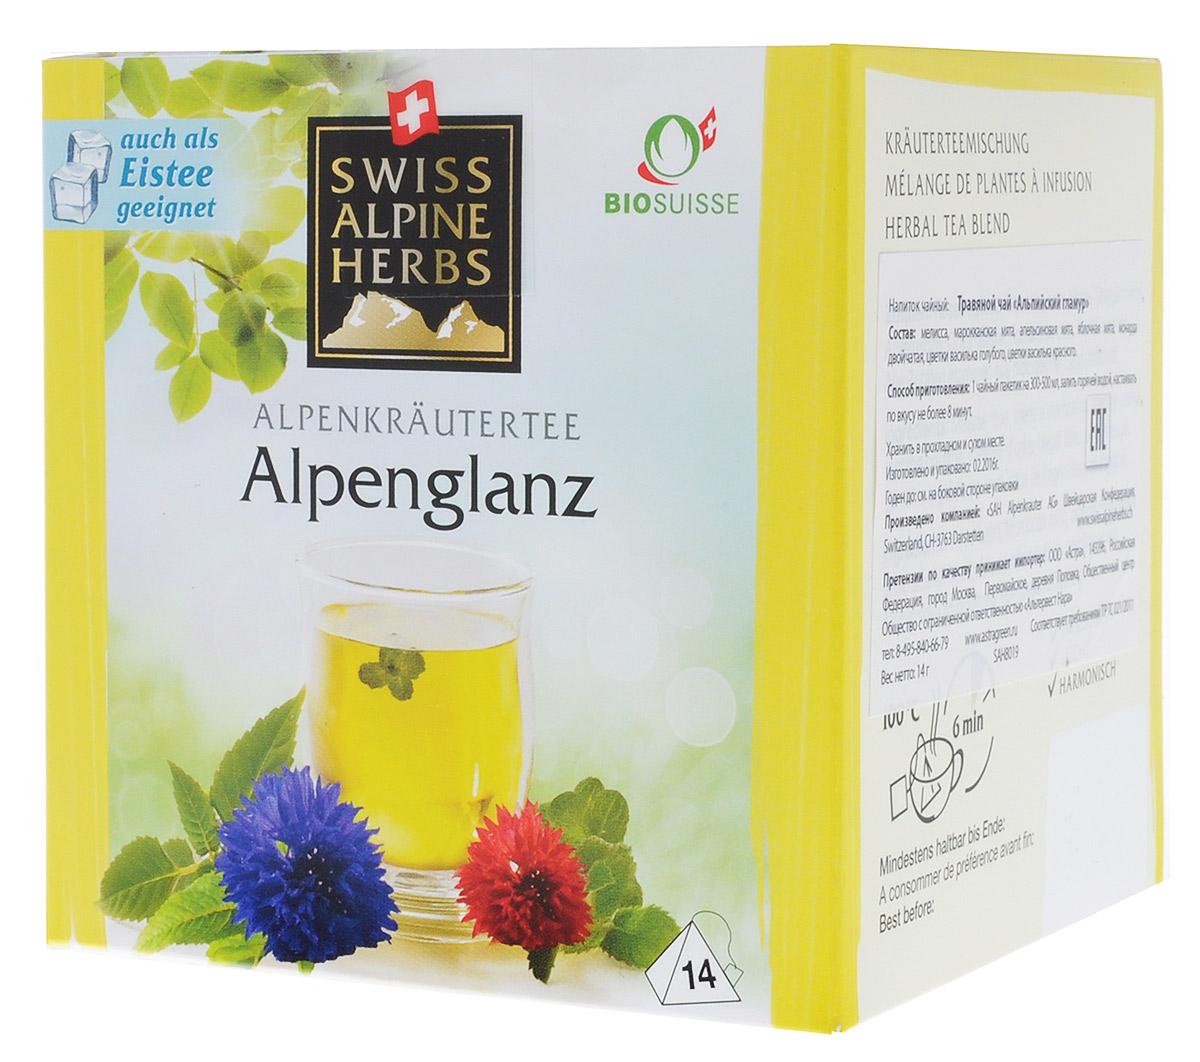 Swiss Alpine Herbs Альпийский гламур травяной чай в пакетиках, 14 шт майский корона российской империи черный чай в пирамидках 20 шт